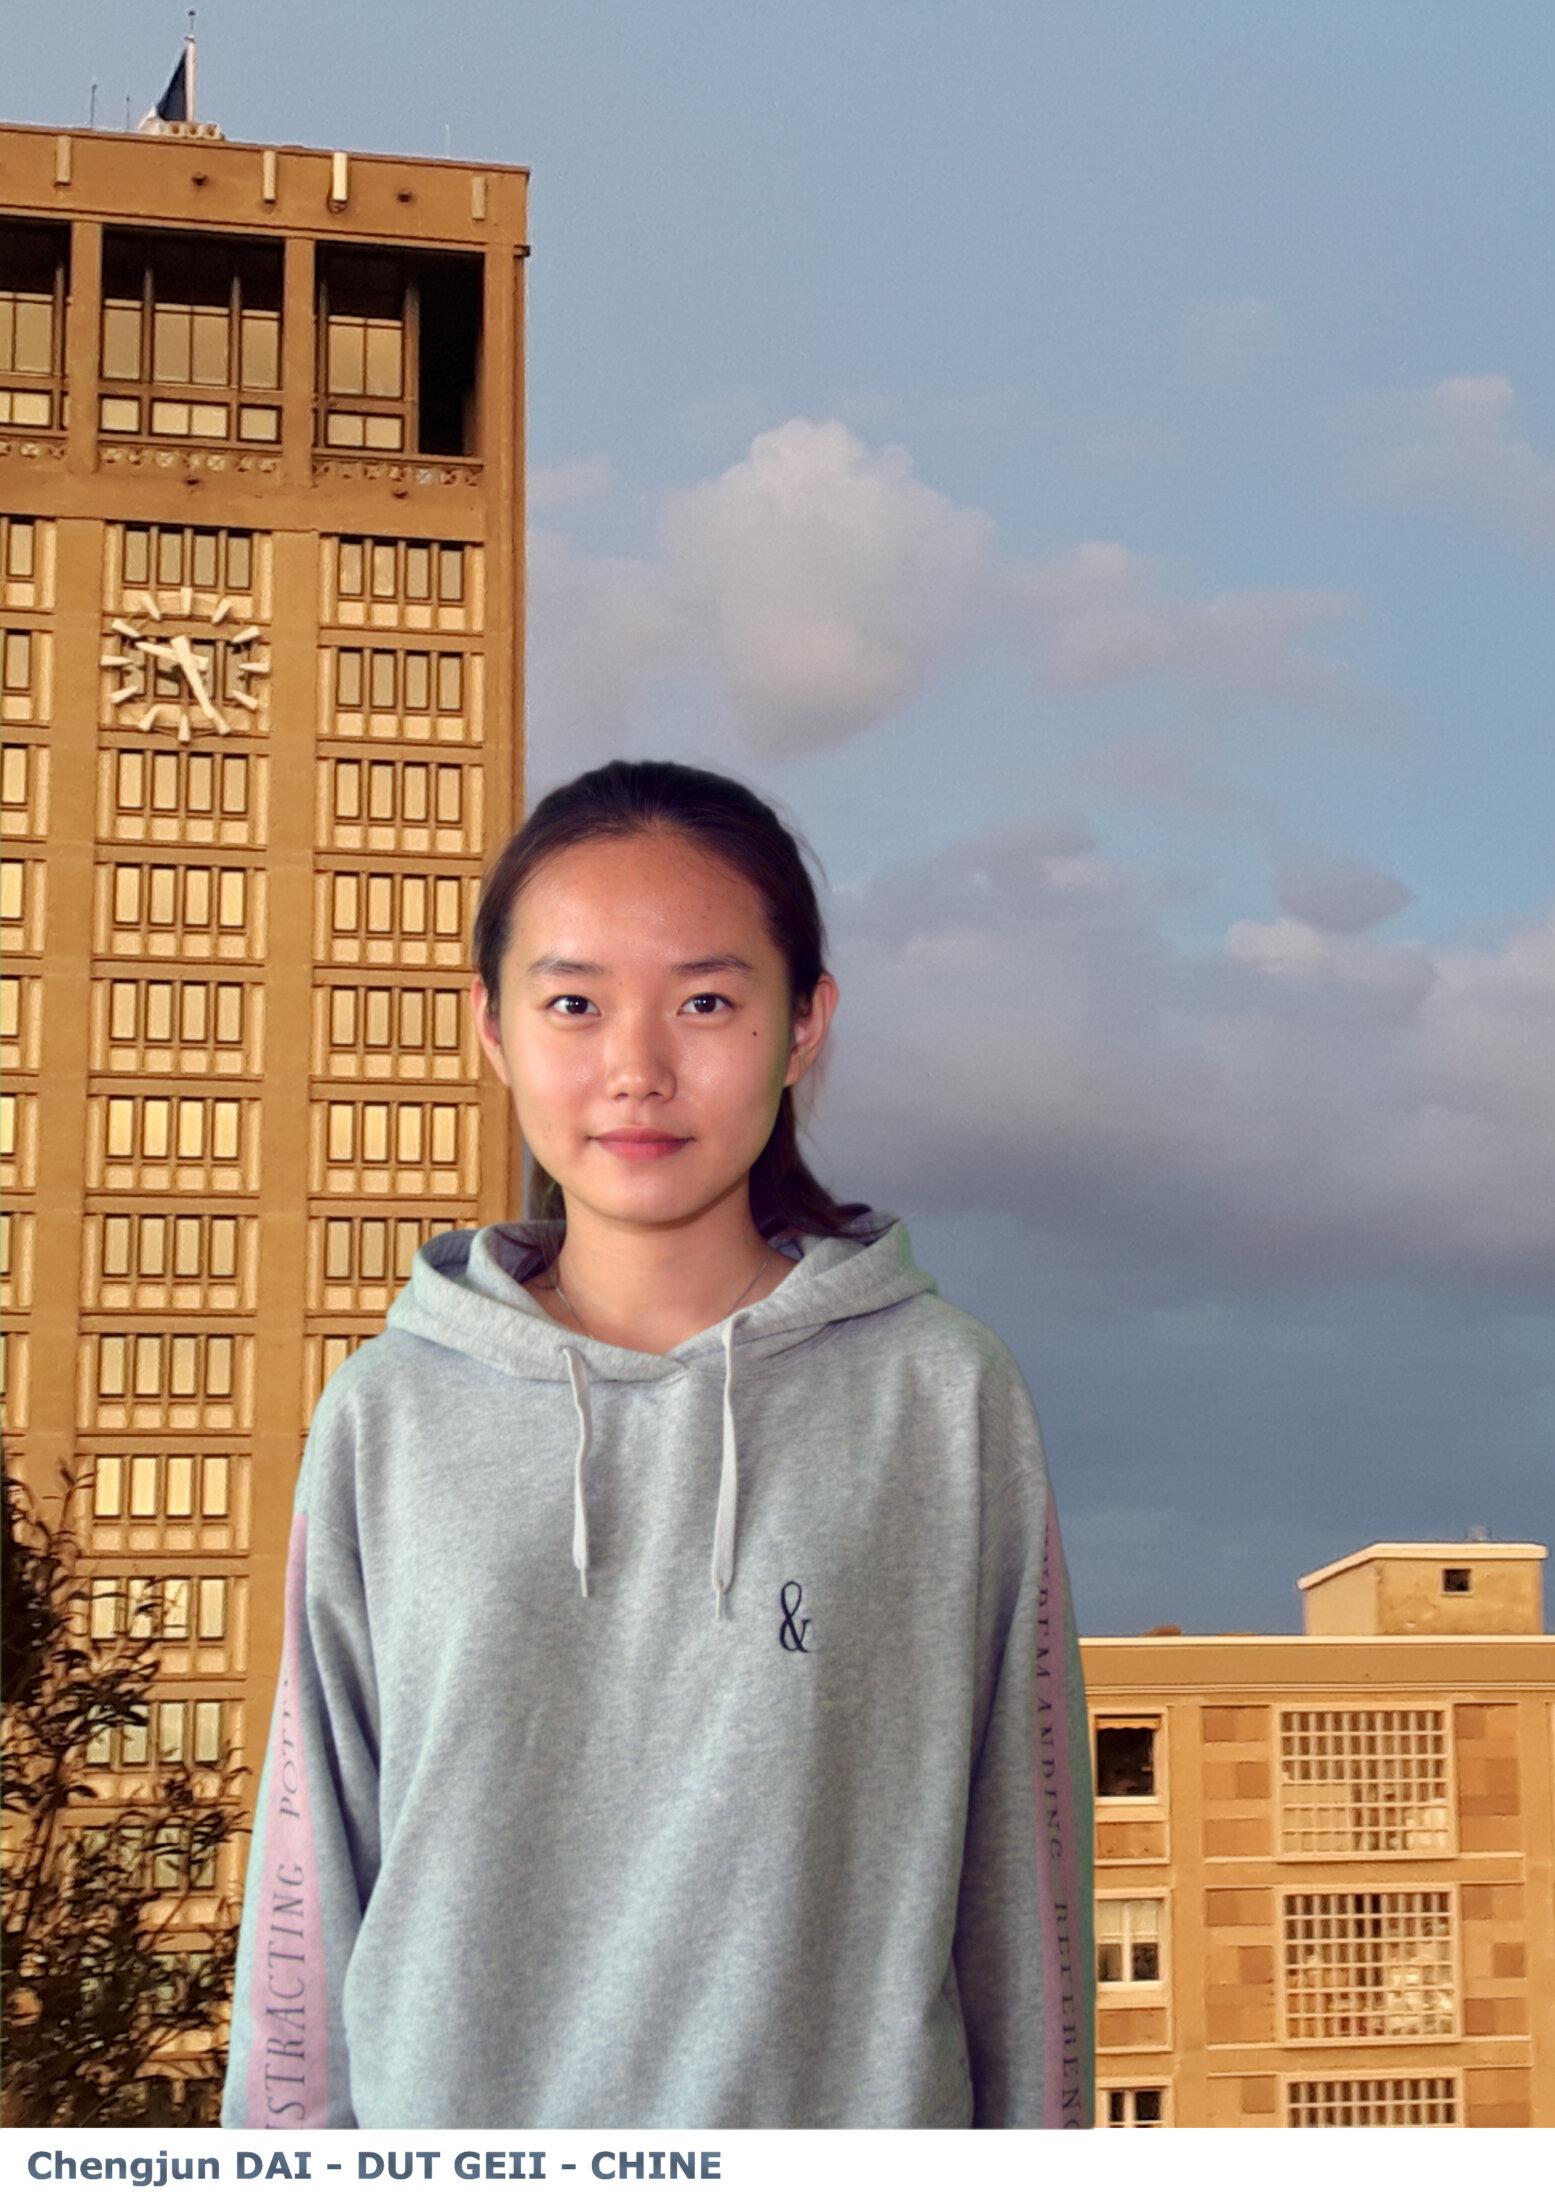 Chengjun DAI HDV